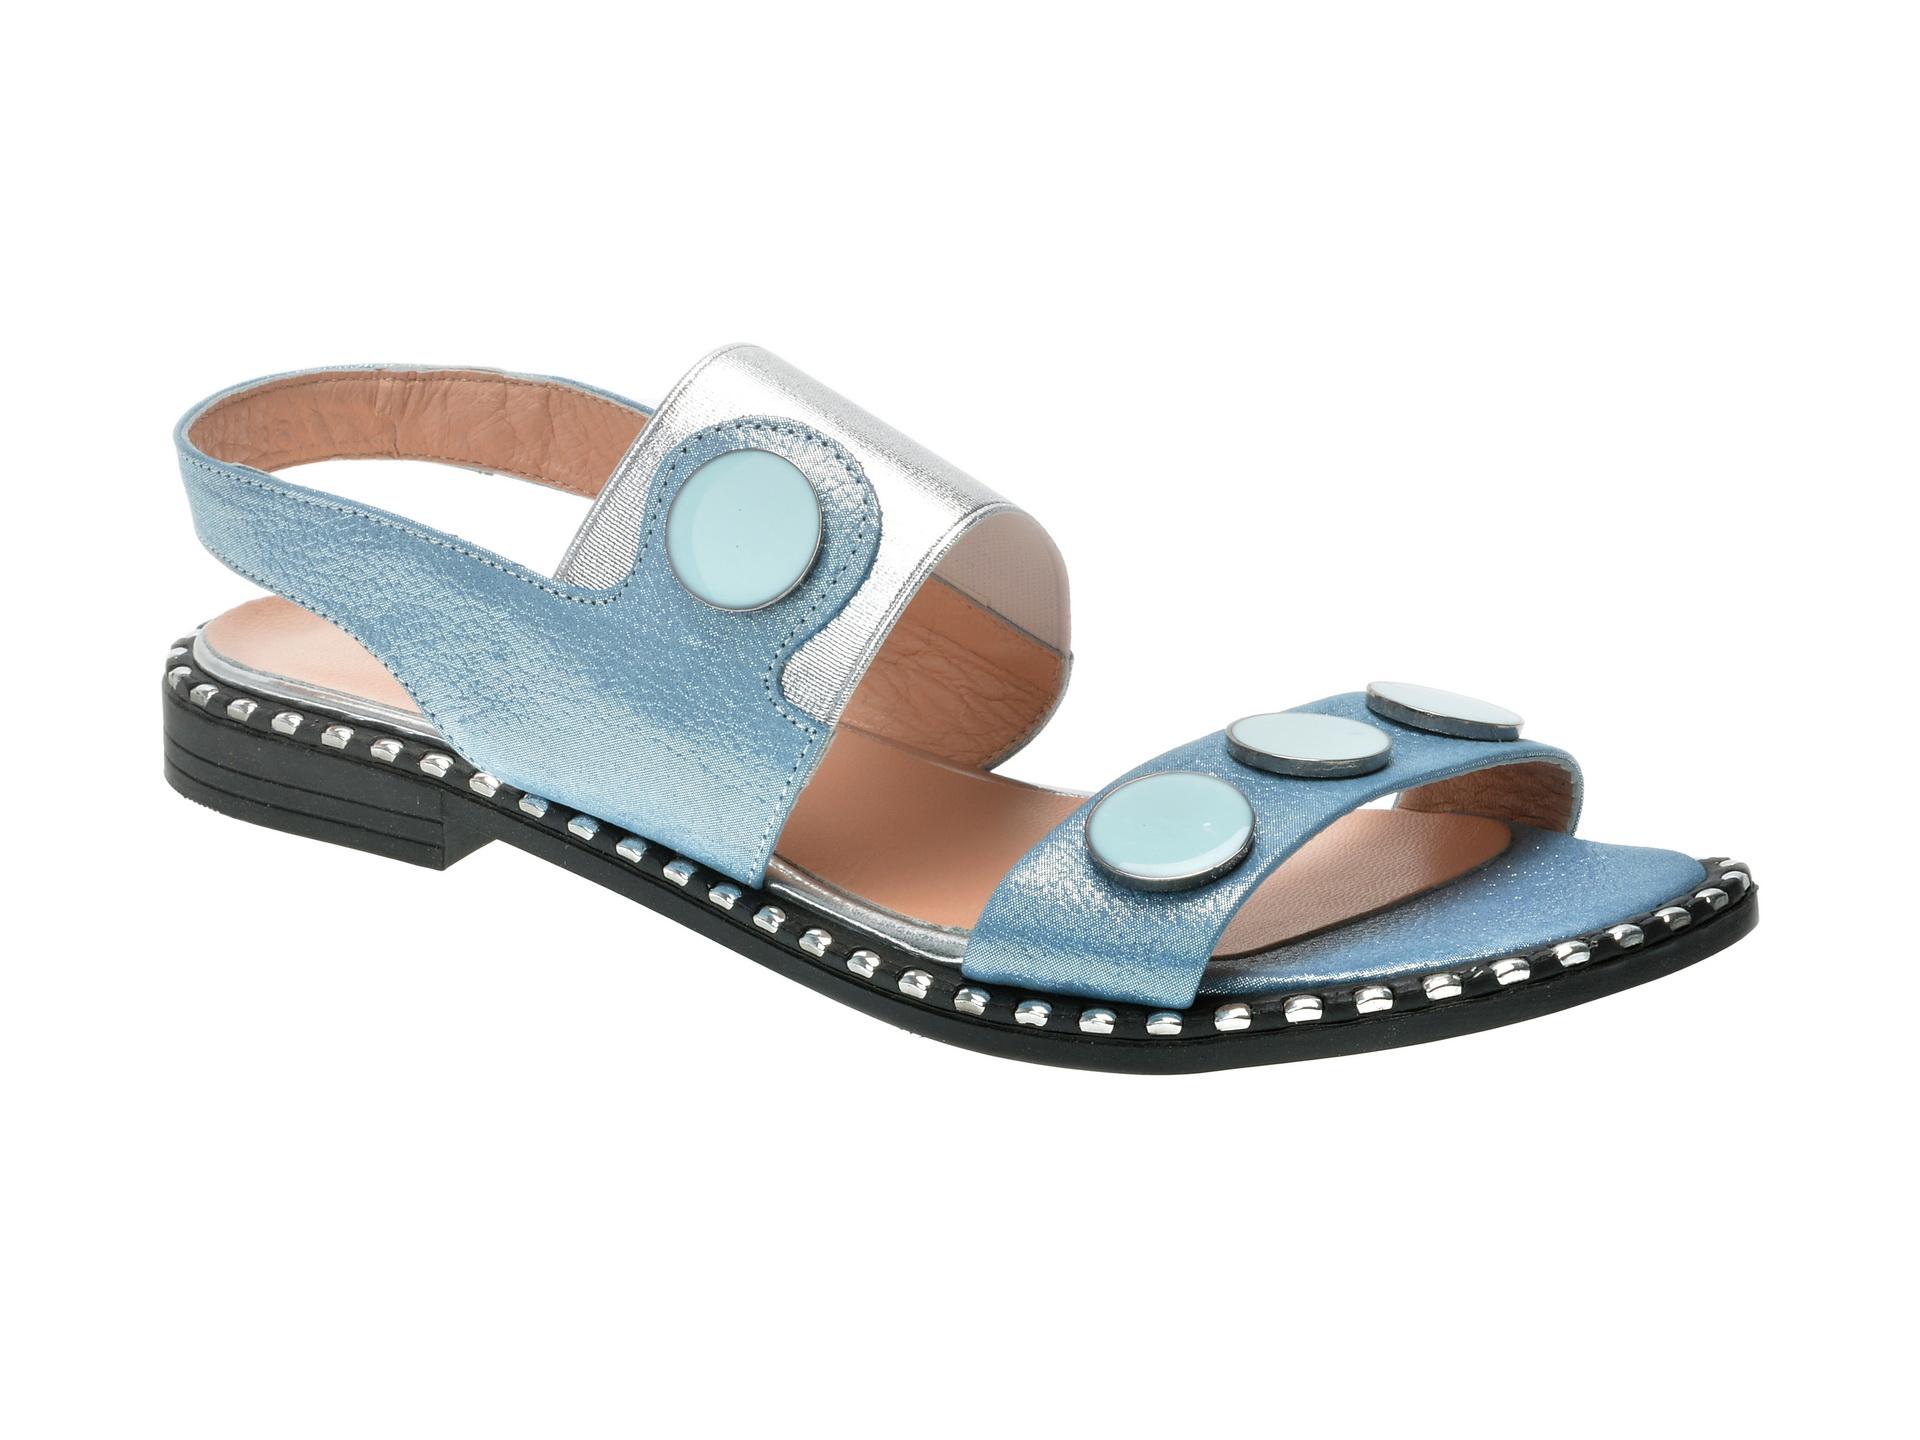 Sandale FLAVIA PASSINI bleu, 576K131, din piele naturala